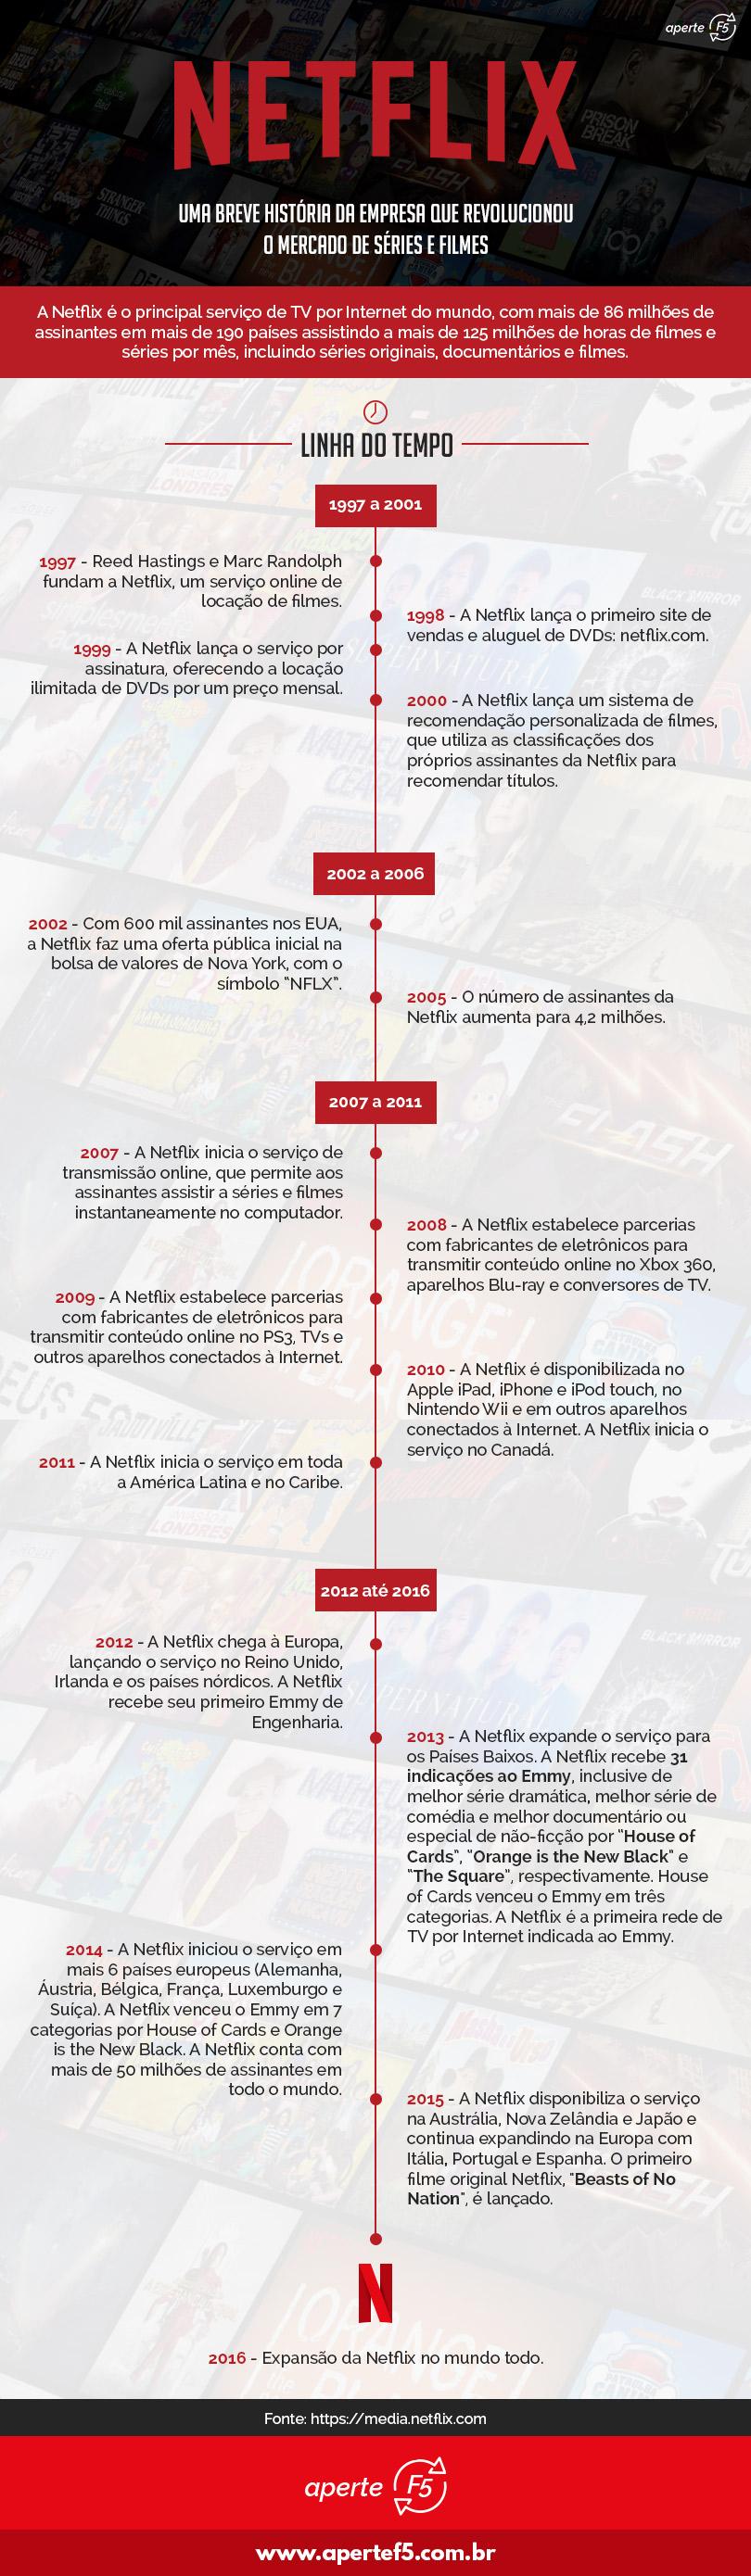 Infográfico Netflix: História da empresa desde 1997 até os dias atuais